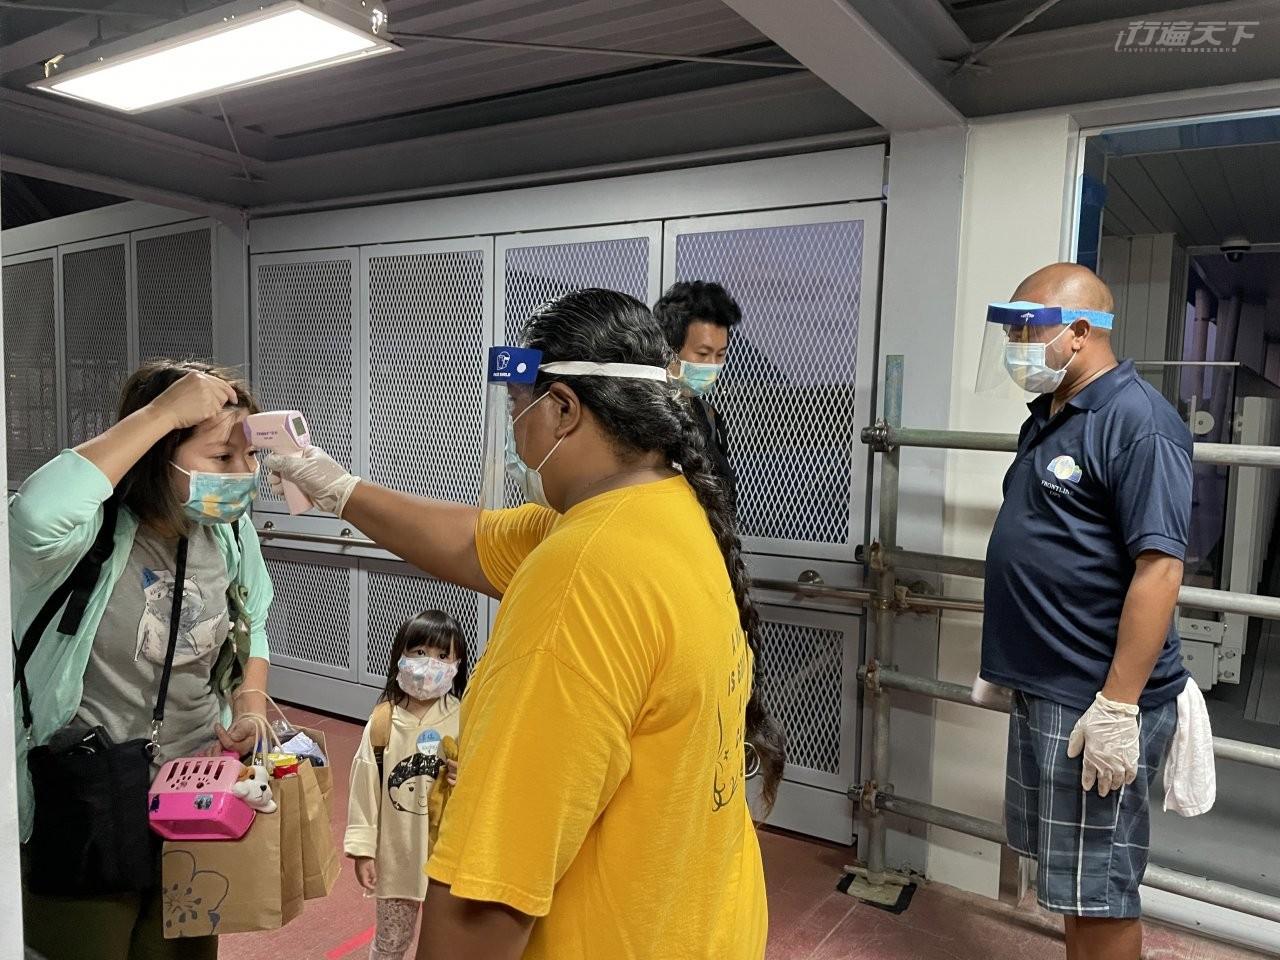 ▲抵達帛琉後一面說著歡迎一面就要噴酒精與量體溫,重點是,酒精就像不用錢一樣,噴到還會滴下水來。